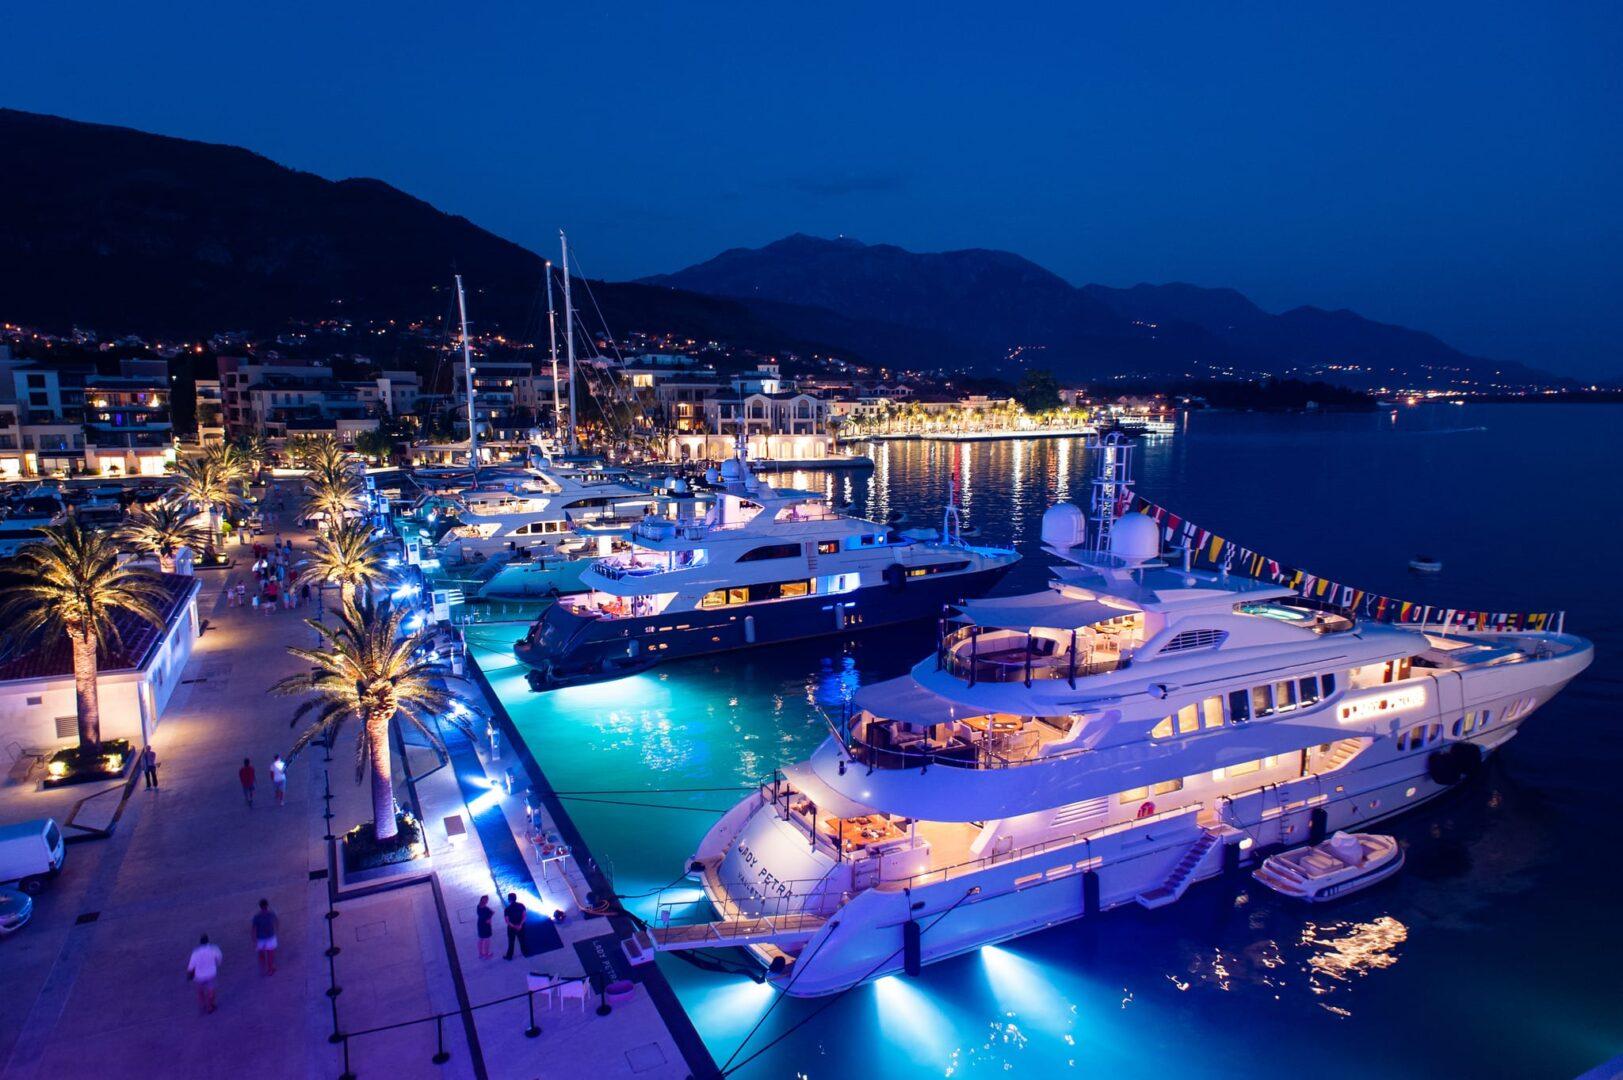 Место для стоянки элитных чартерных яхт в Черногории (Монтенегро)